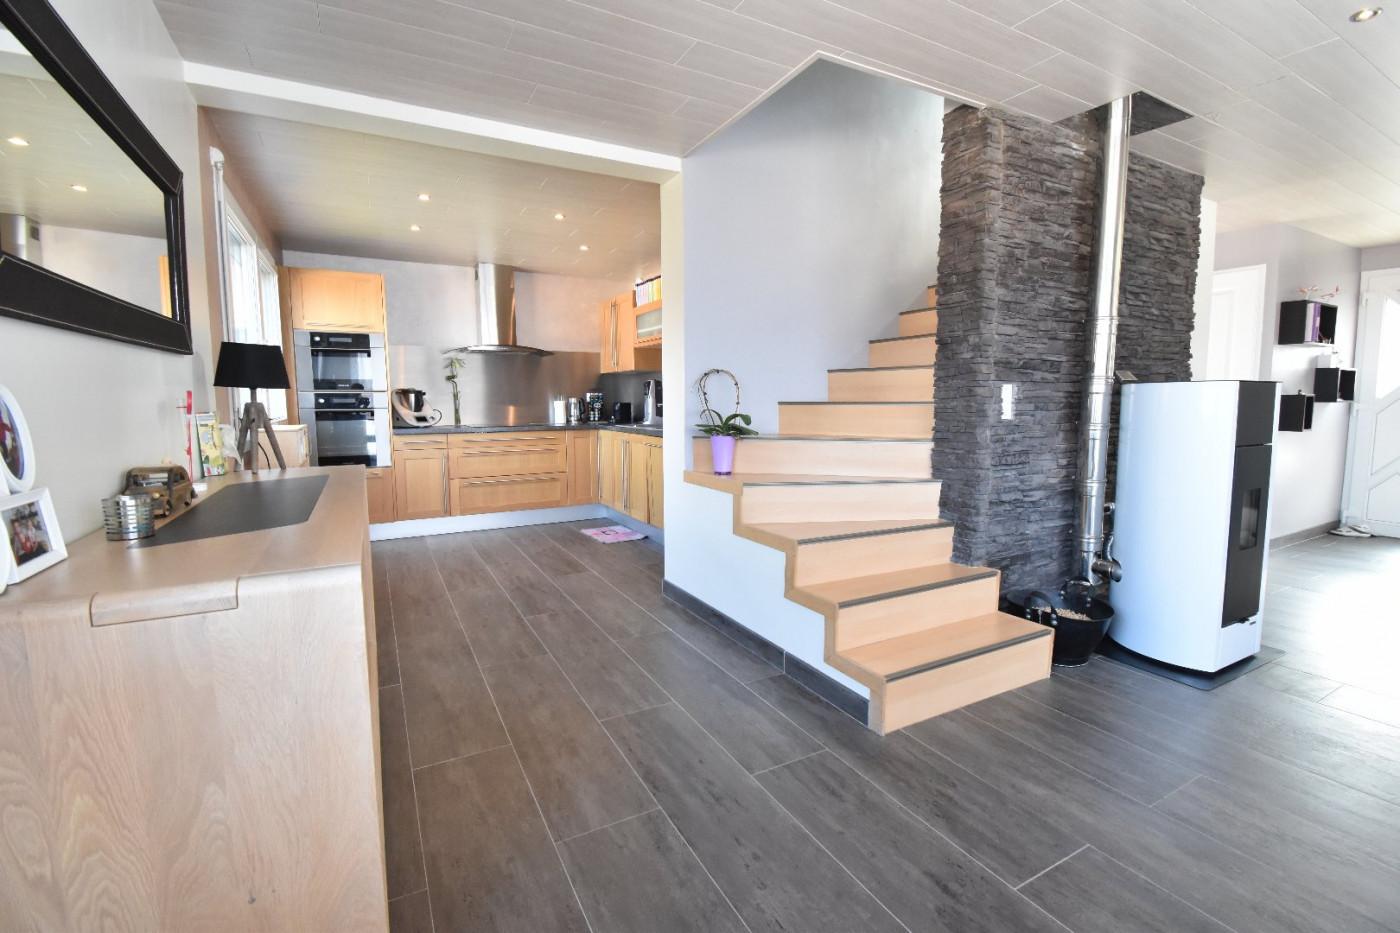 A vendre Montperreux 910124442 Côté immobilier